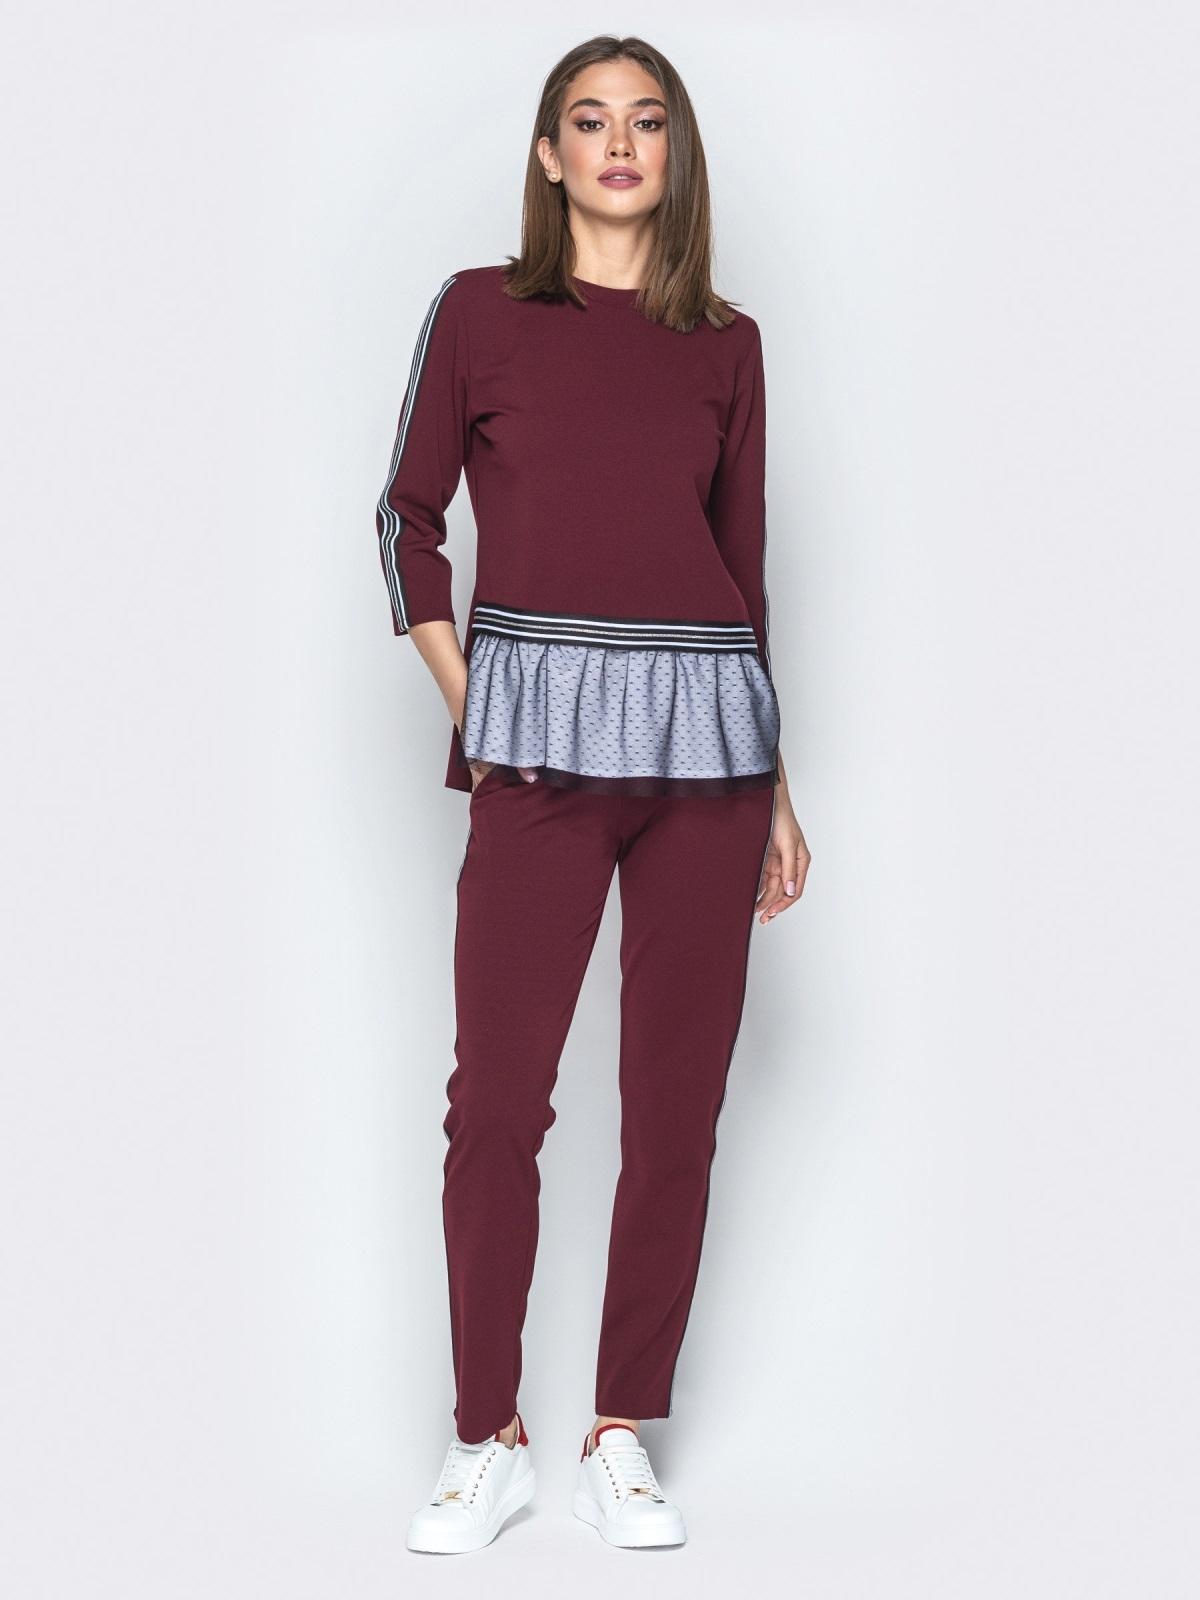 Бордовый комплект с двухслойным воланом по низу на кофте - 21997, фото 1 – интернет-магазин Dressa